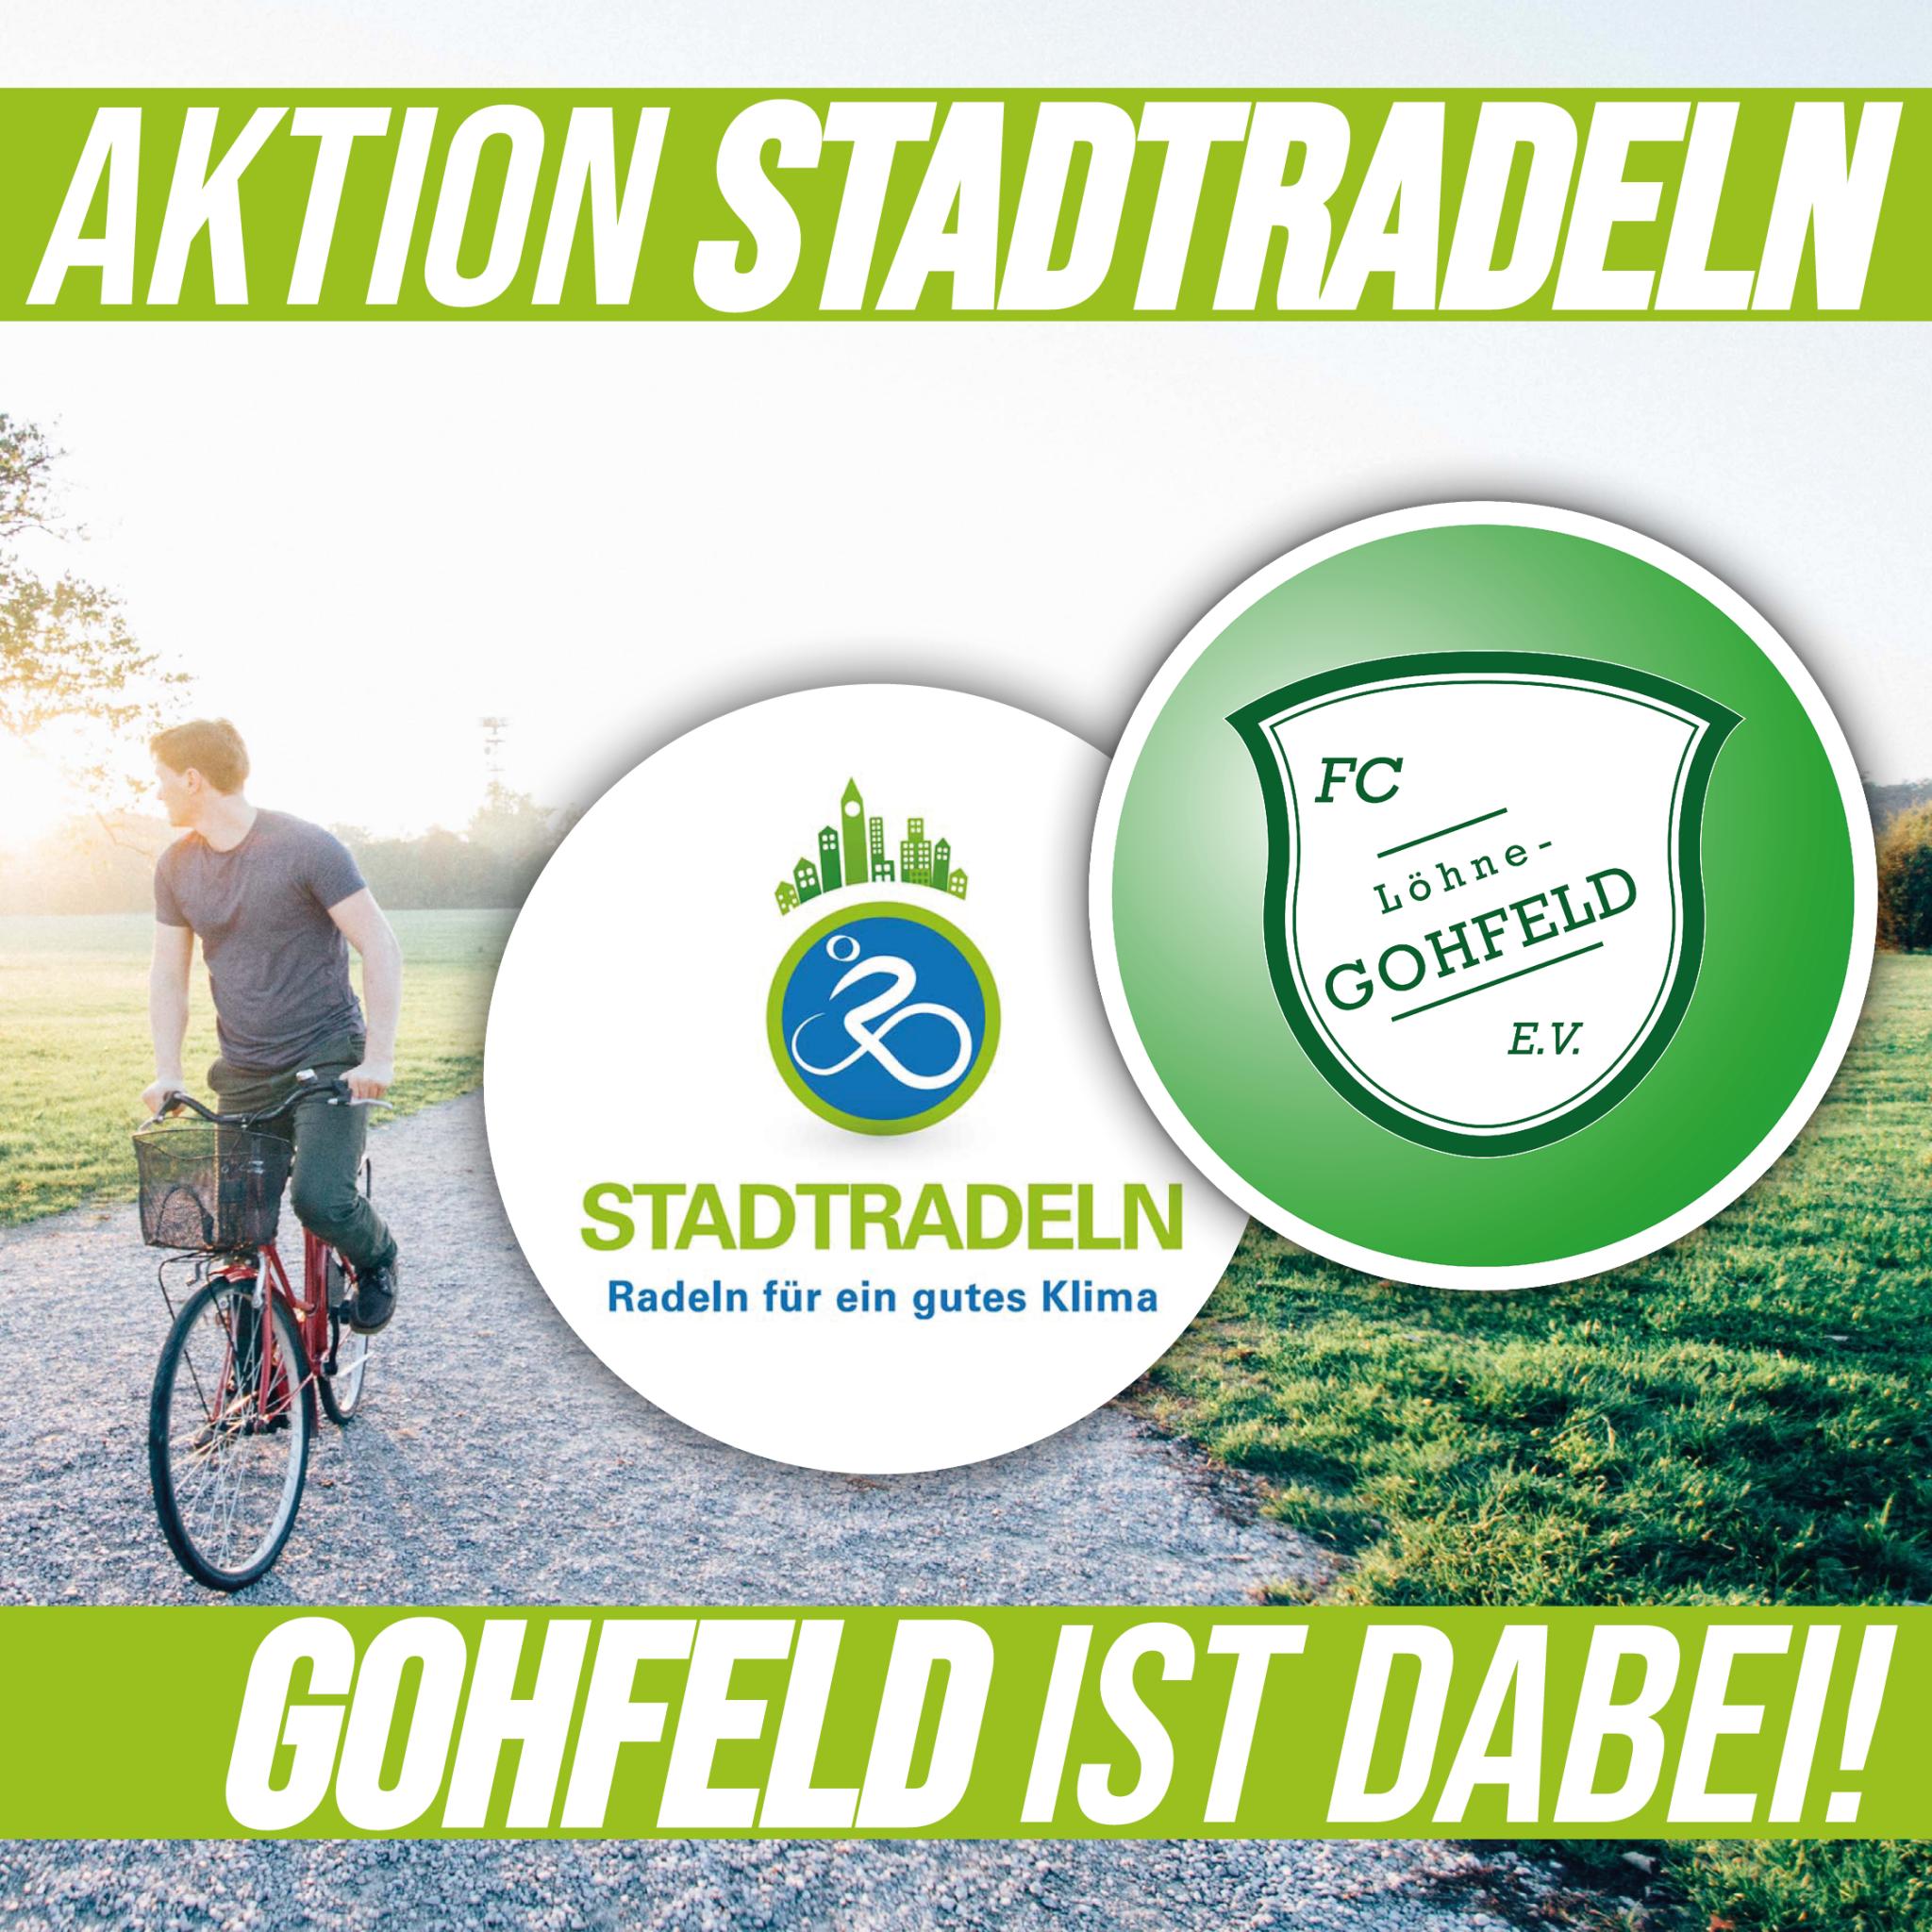 Stadtradeln: Gohfeld ist dabei!